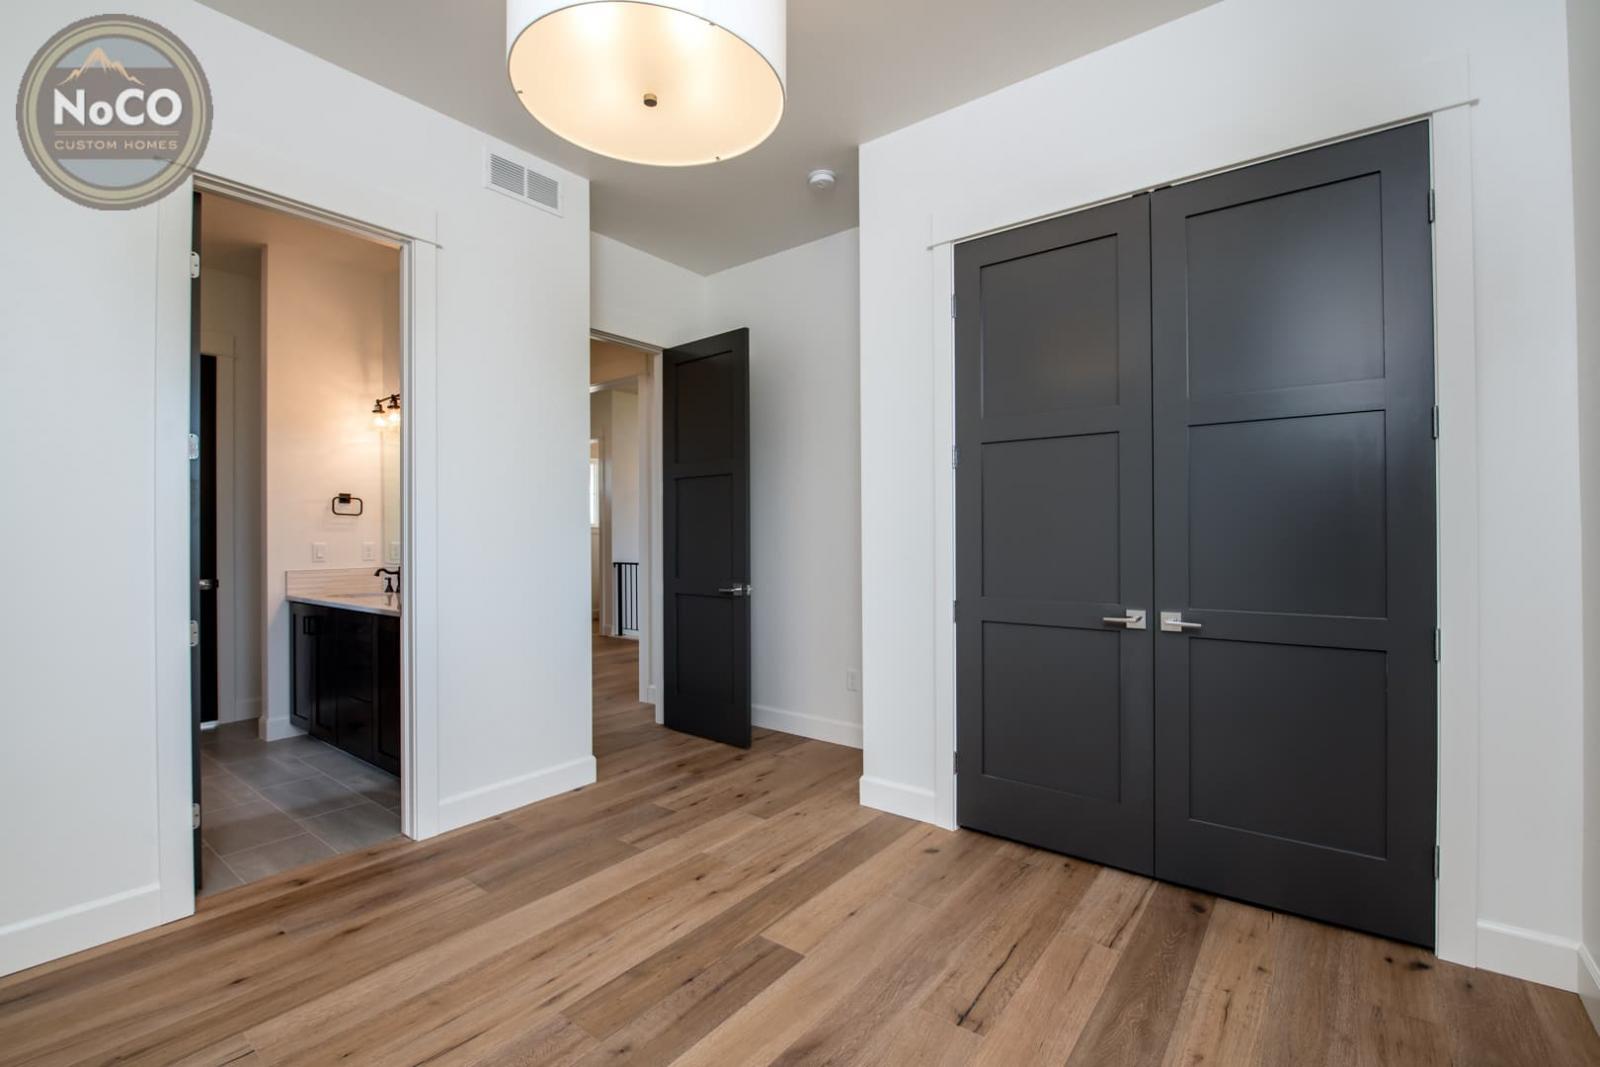 colorado custom home bedroom closet